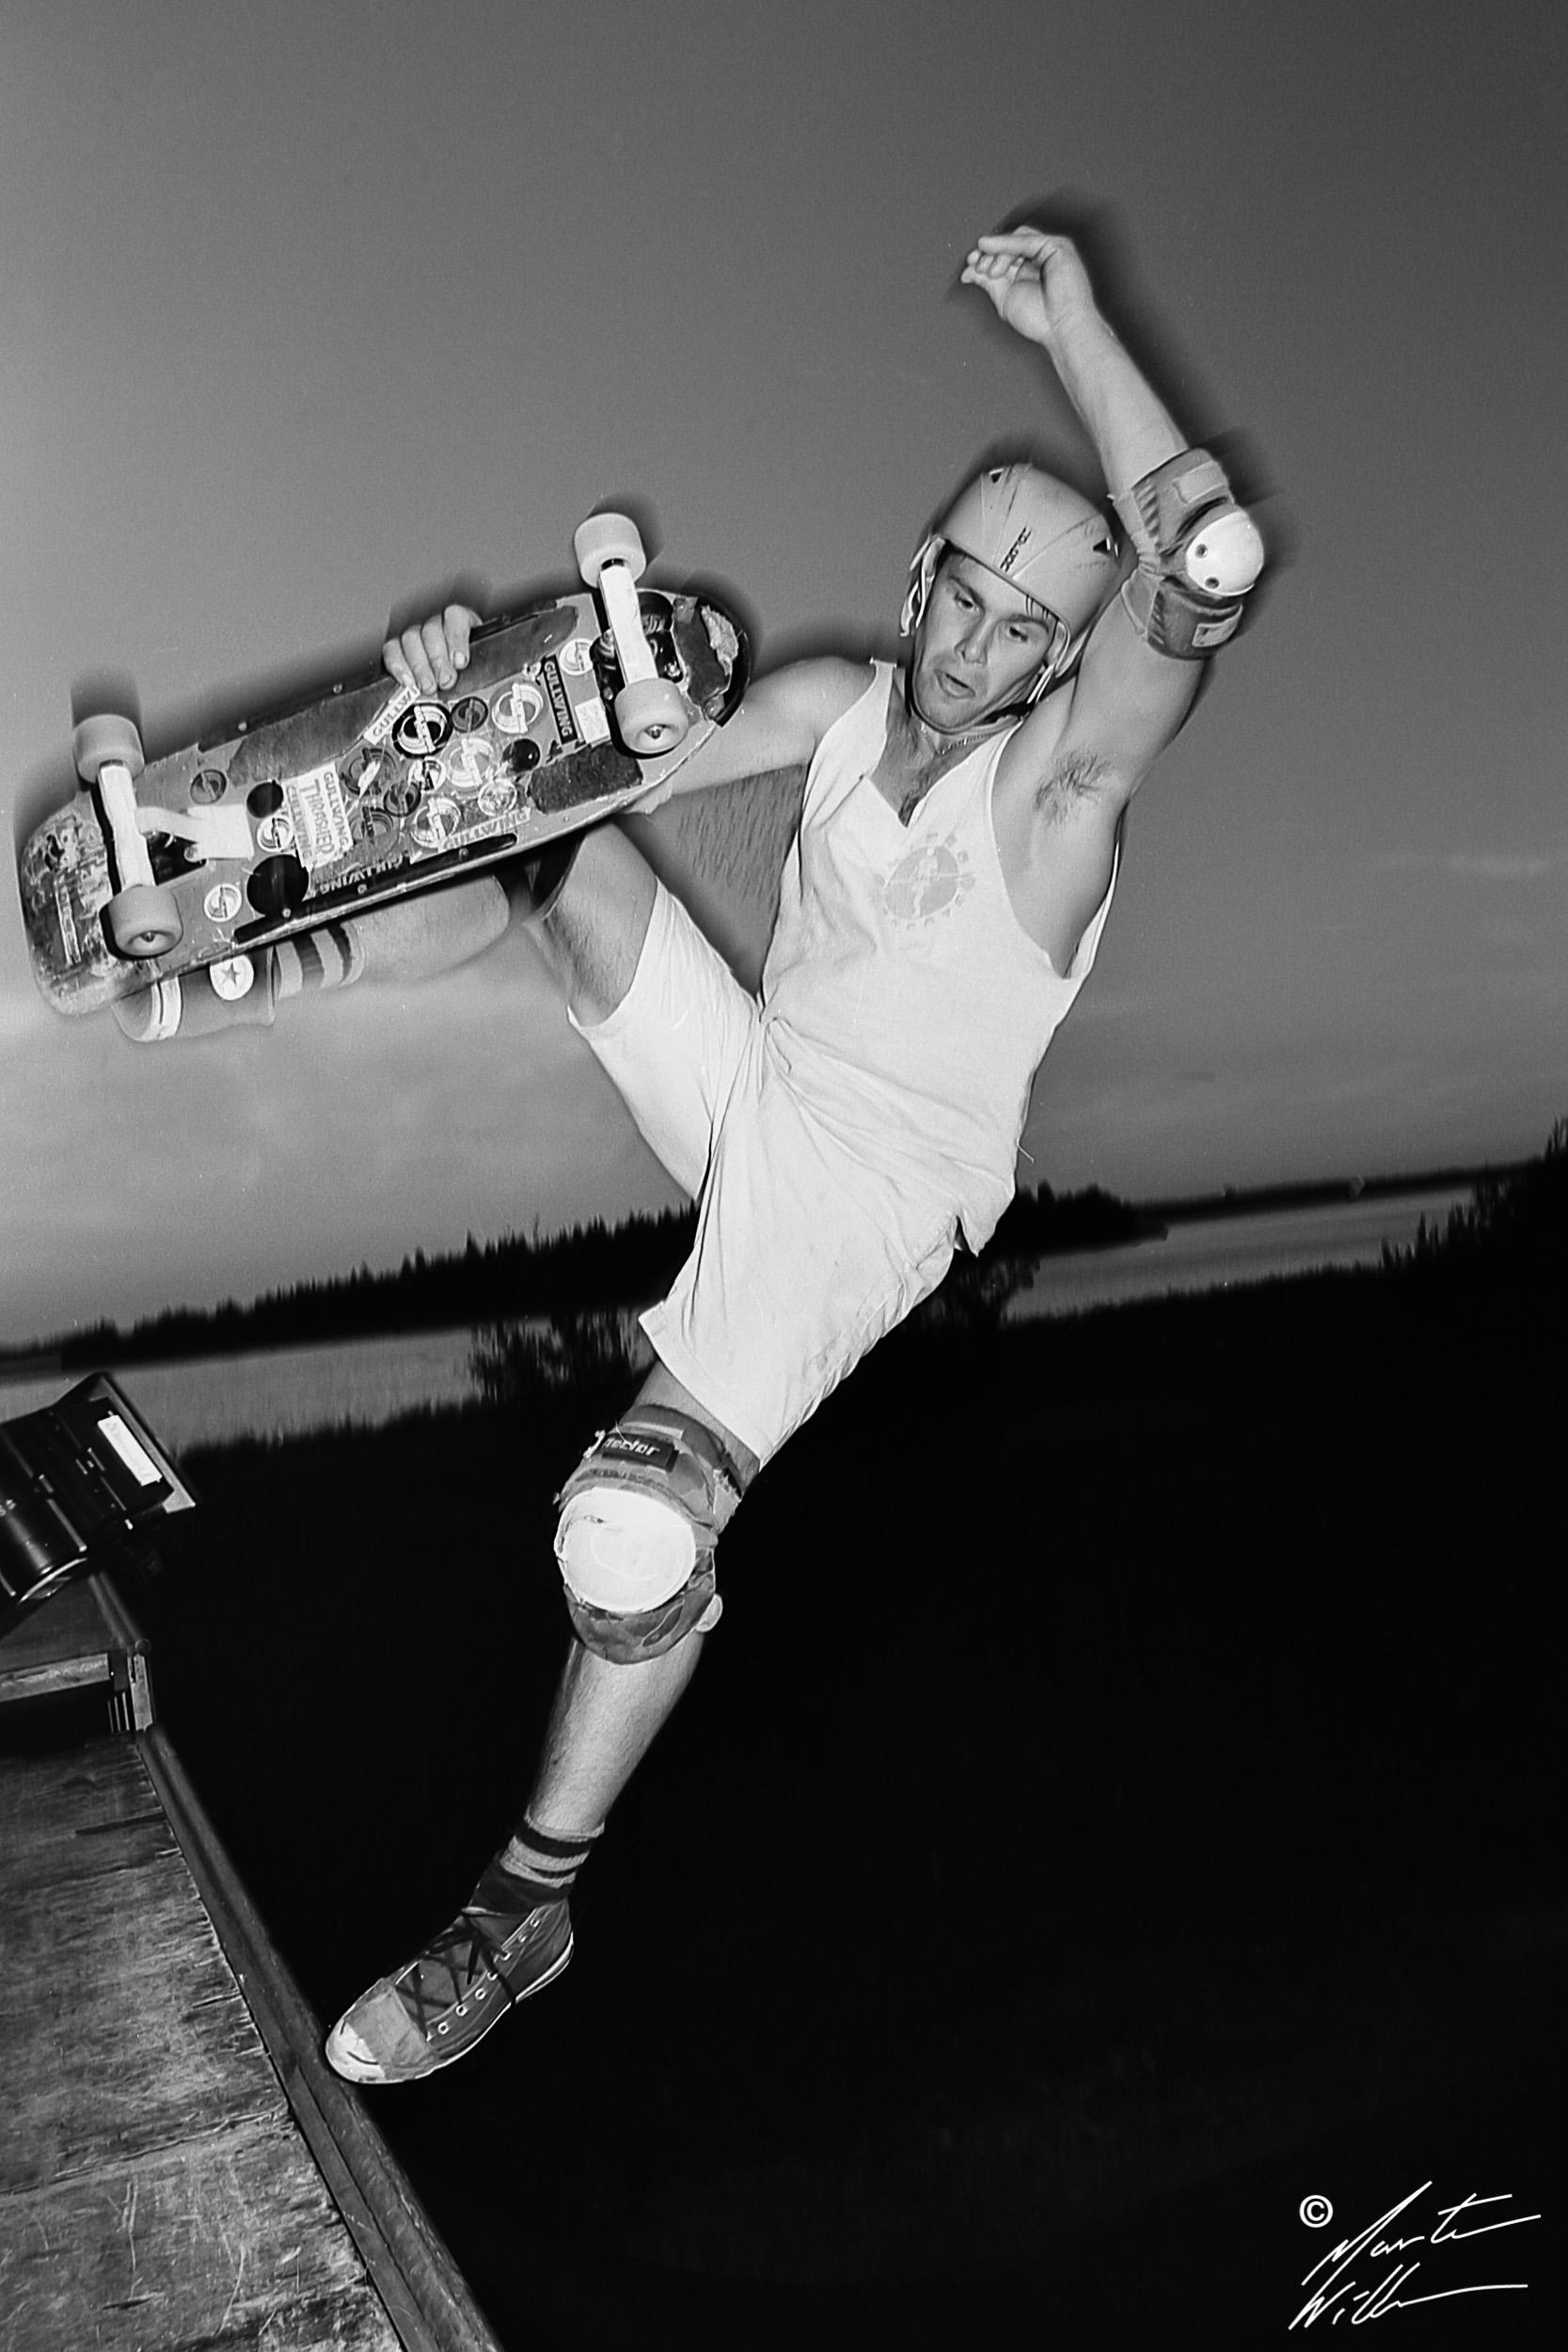 Hans Göthberg, Frontside boneless, Swedish Summer Camp, Täby 1985